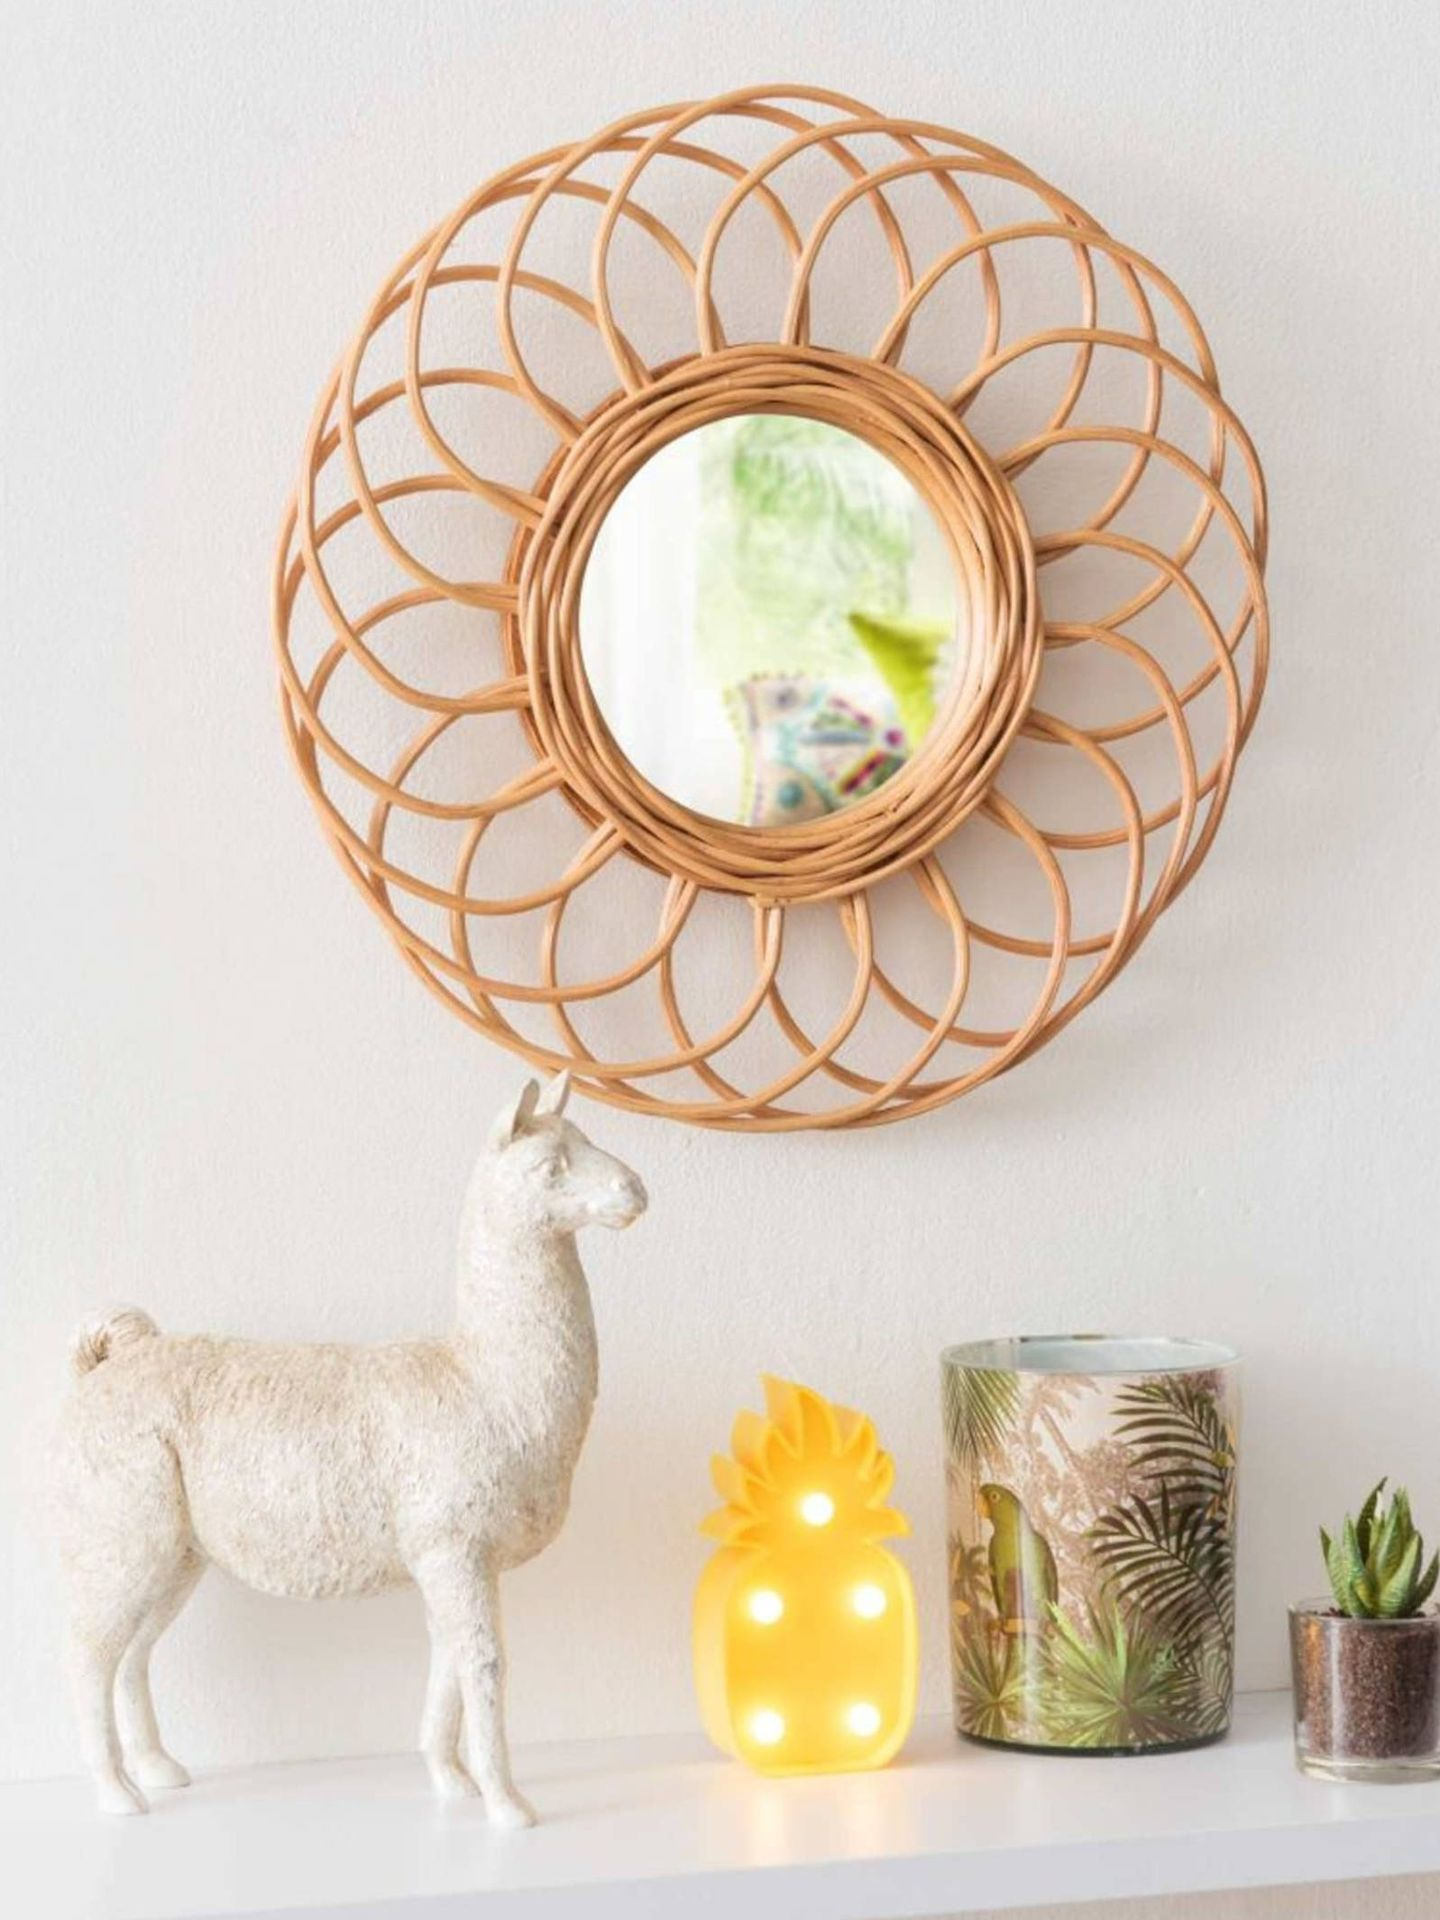 Apuesta por los espejos redondos de fibras naturales como este de Maisons du Monde. (Cortesía)